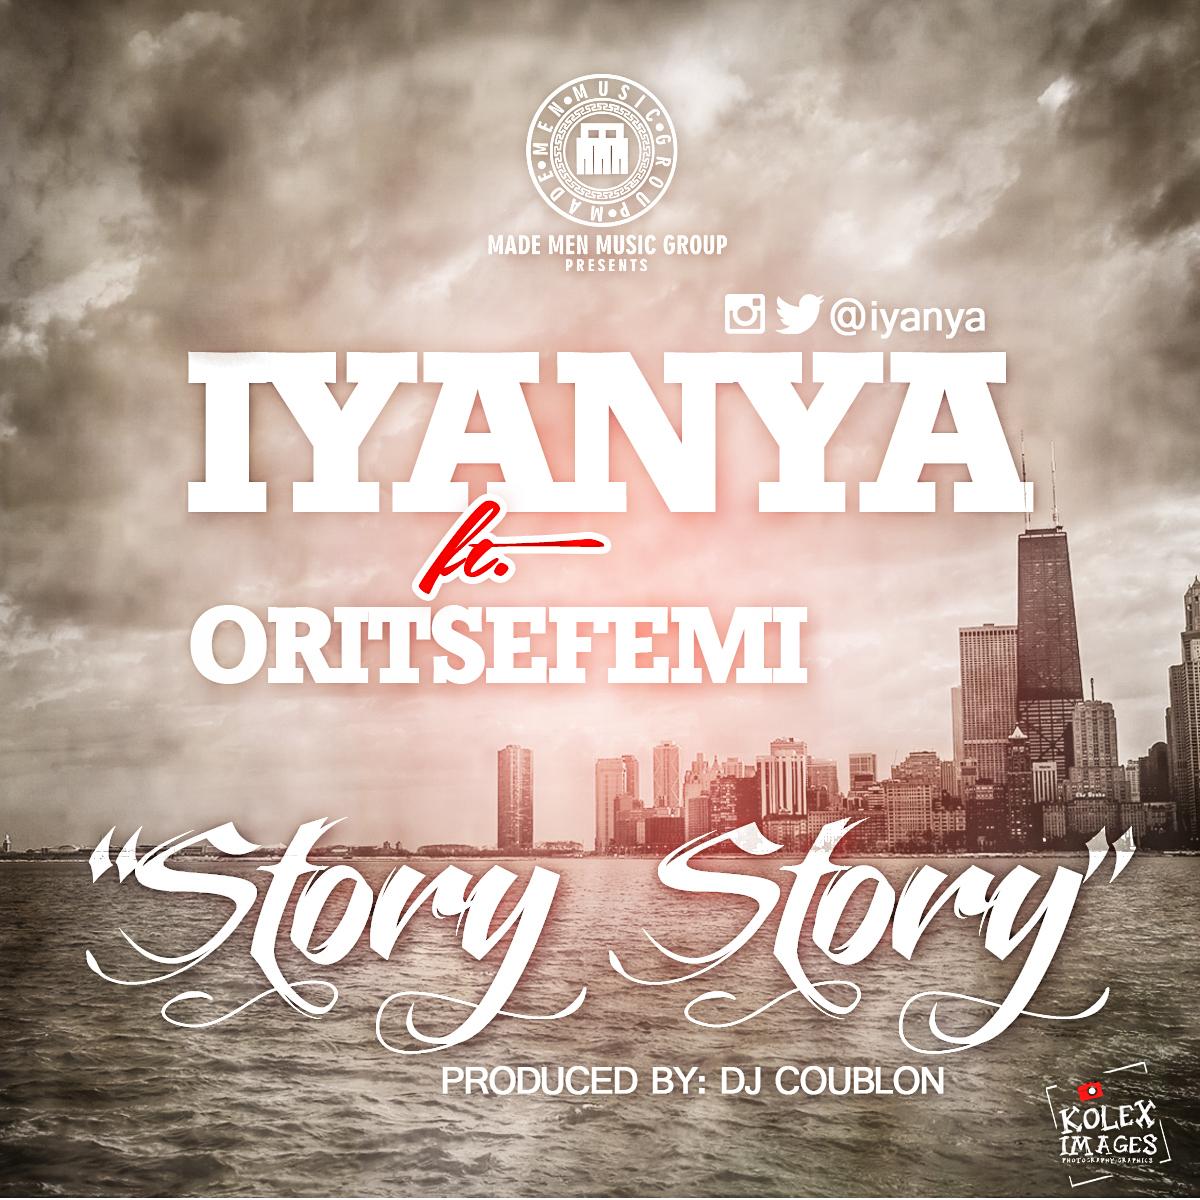 IYAYA story